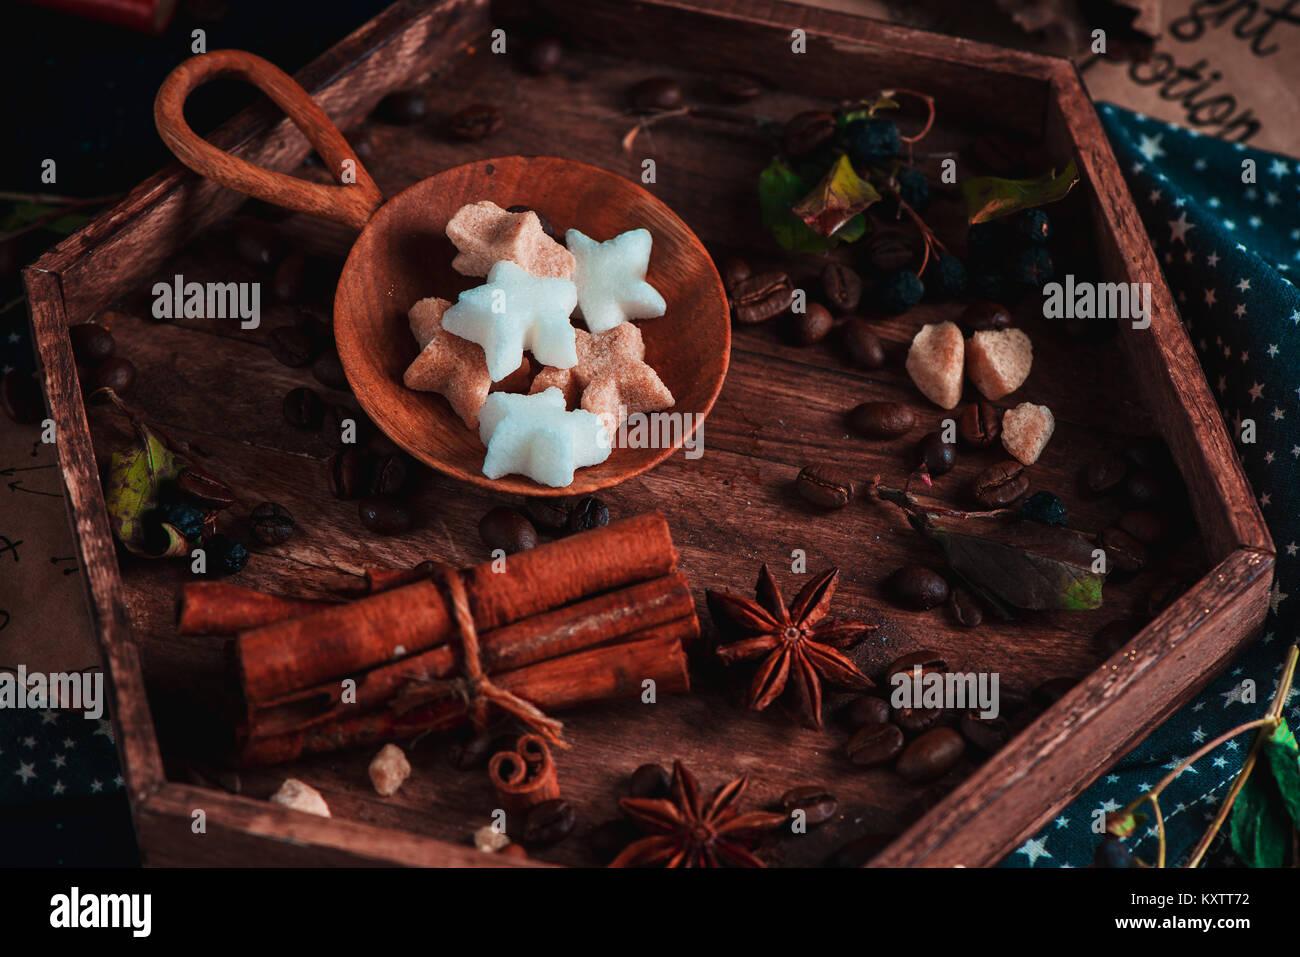 Holzplatte mit sternförmigen Zucker in einem Fach mit Gewürzen auf einem dunklen Hintergrund. Dunkle essen Fotografie Stockfoto